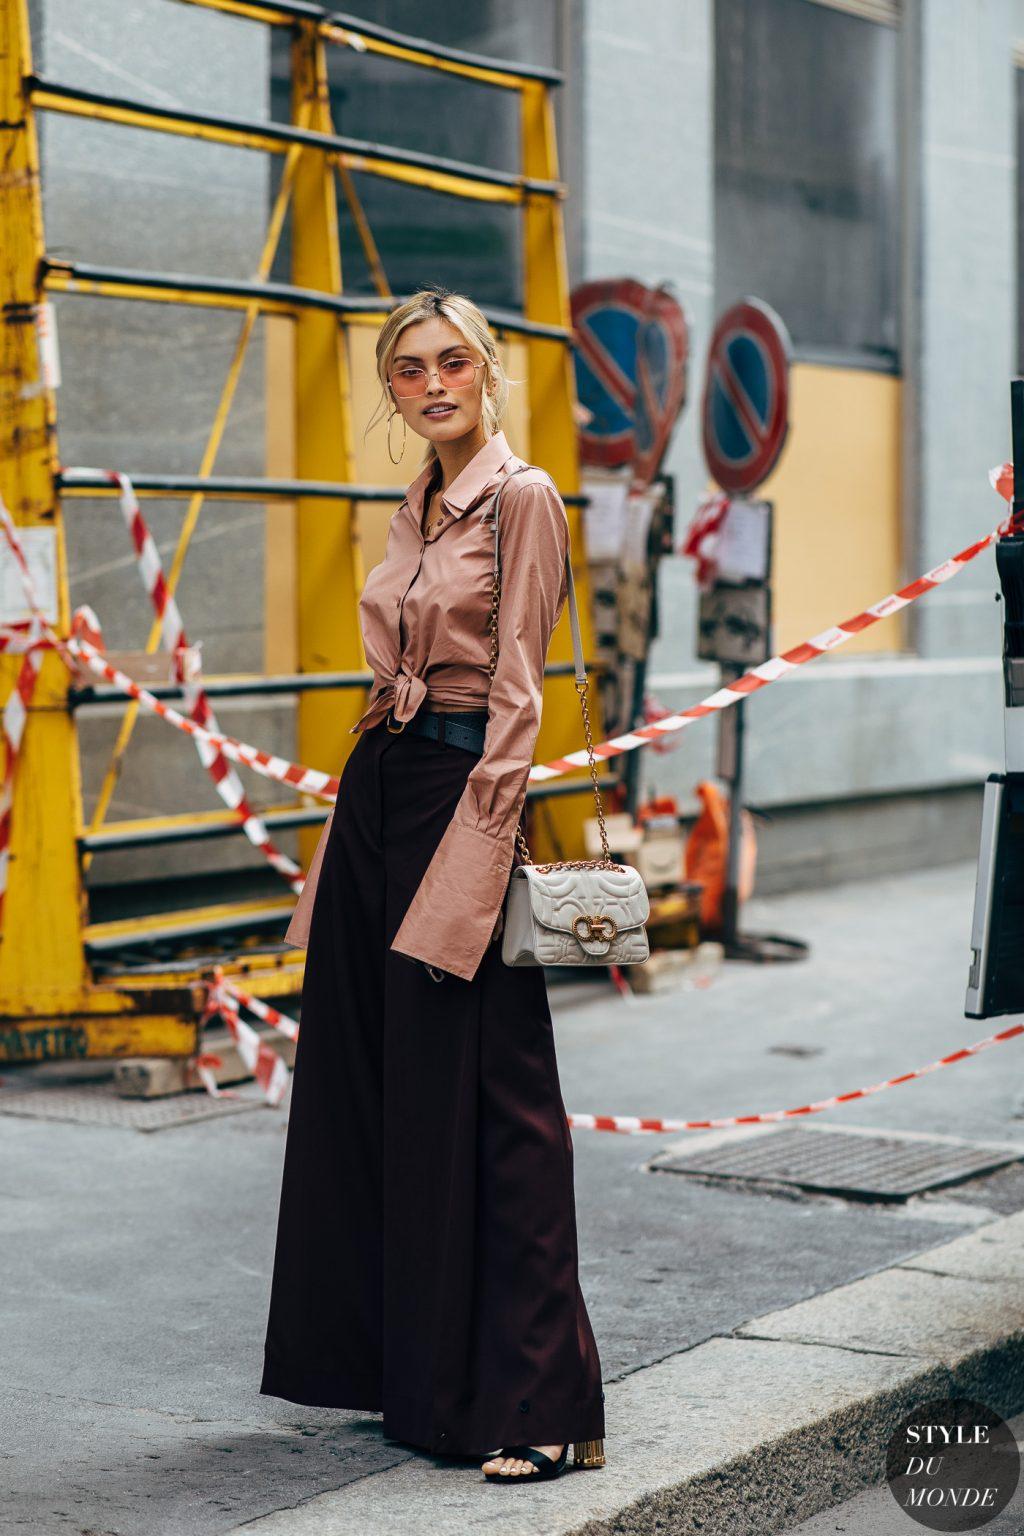 thời trang tuổi 30 áo sơ mi tay dài màu hồng quần ống loe màu đen mắt kính màu hồng